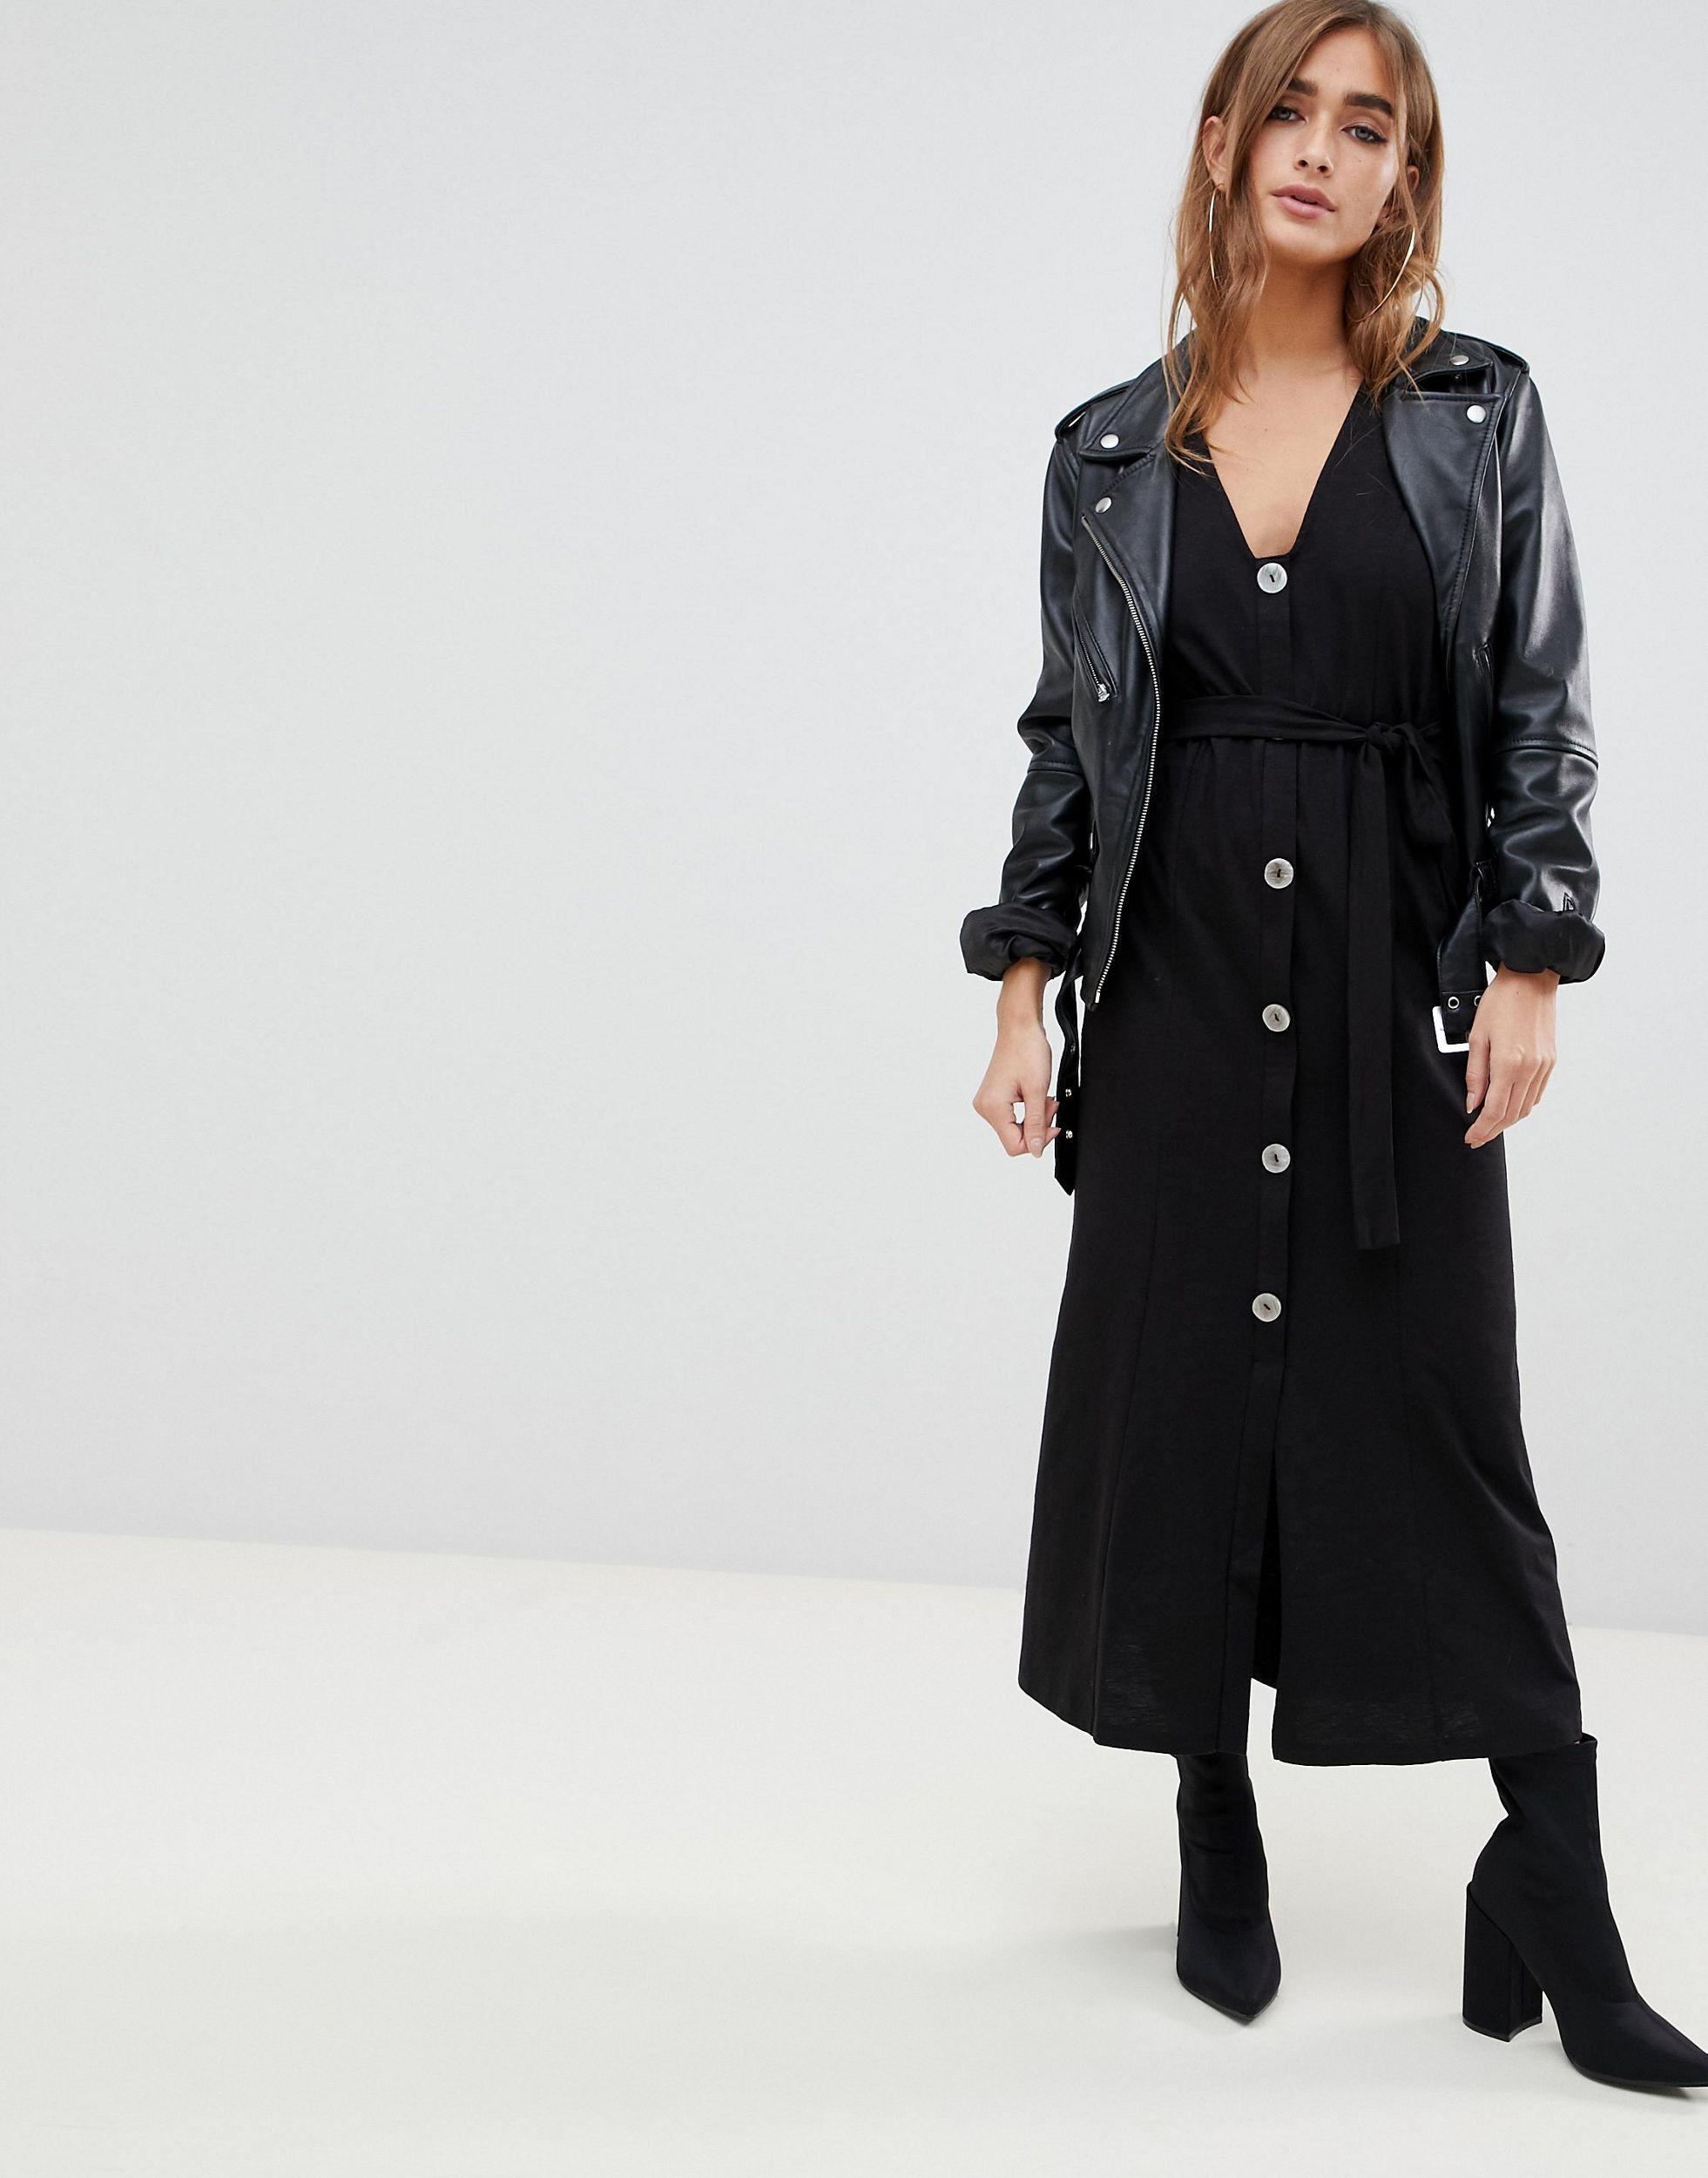 ASOS DESIGN Petite - Robe longue avec boutons imitation coquillage Jean ASOS en coloris Noir